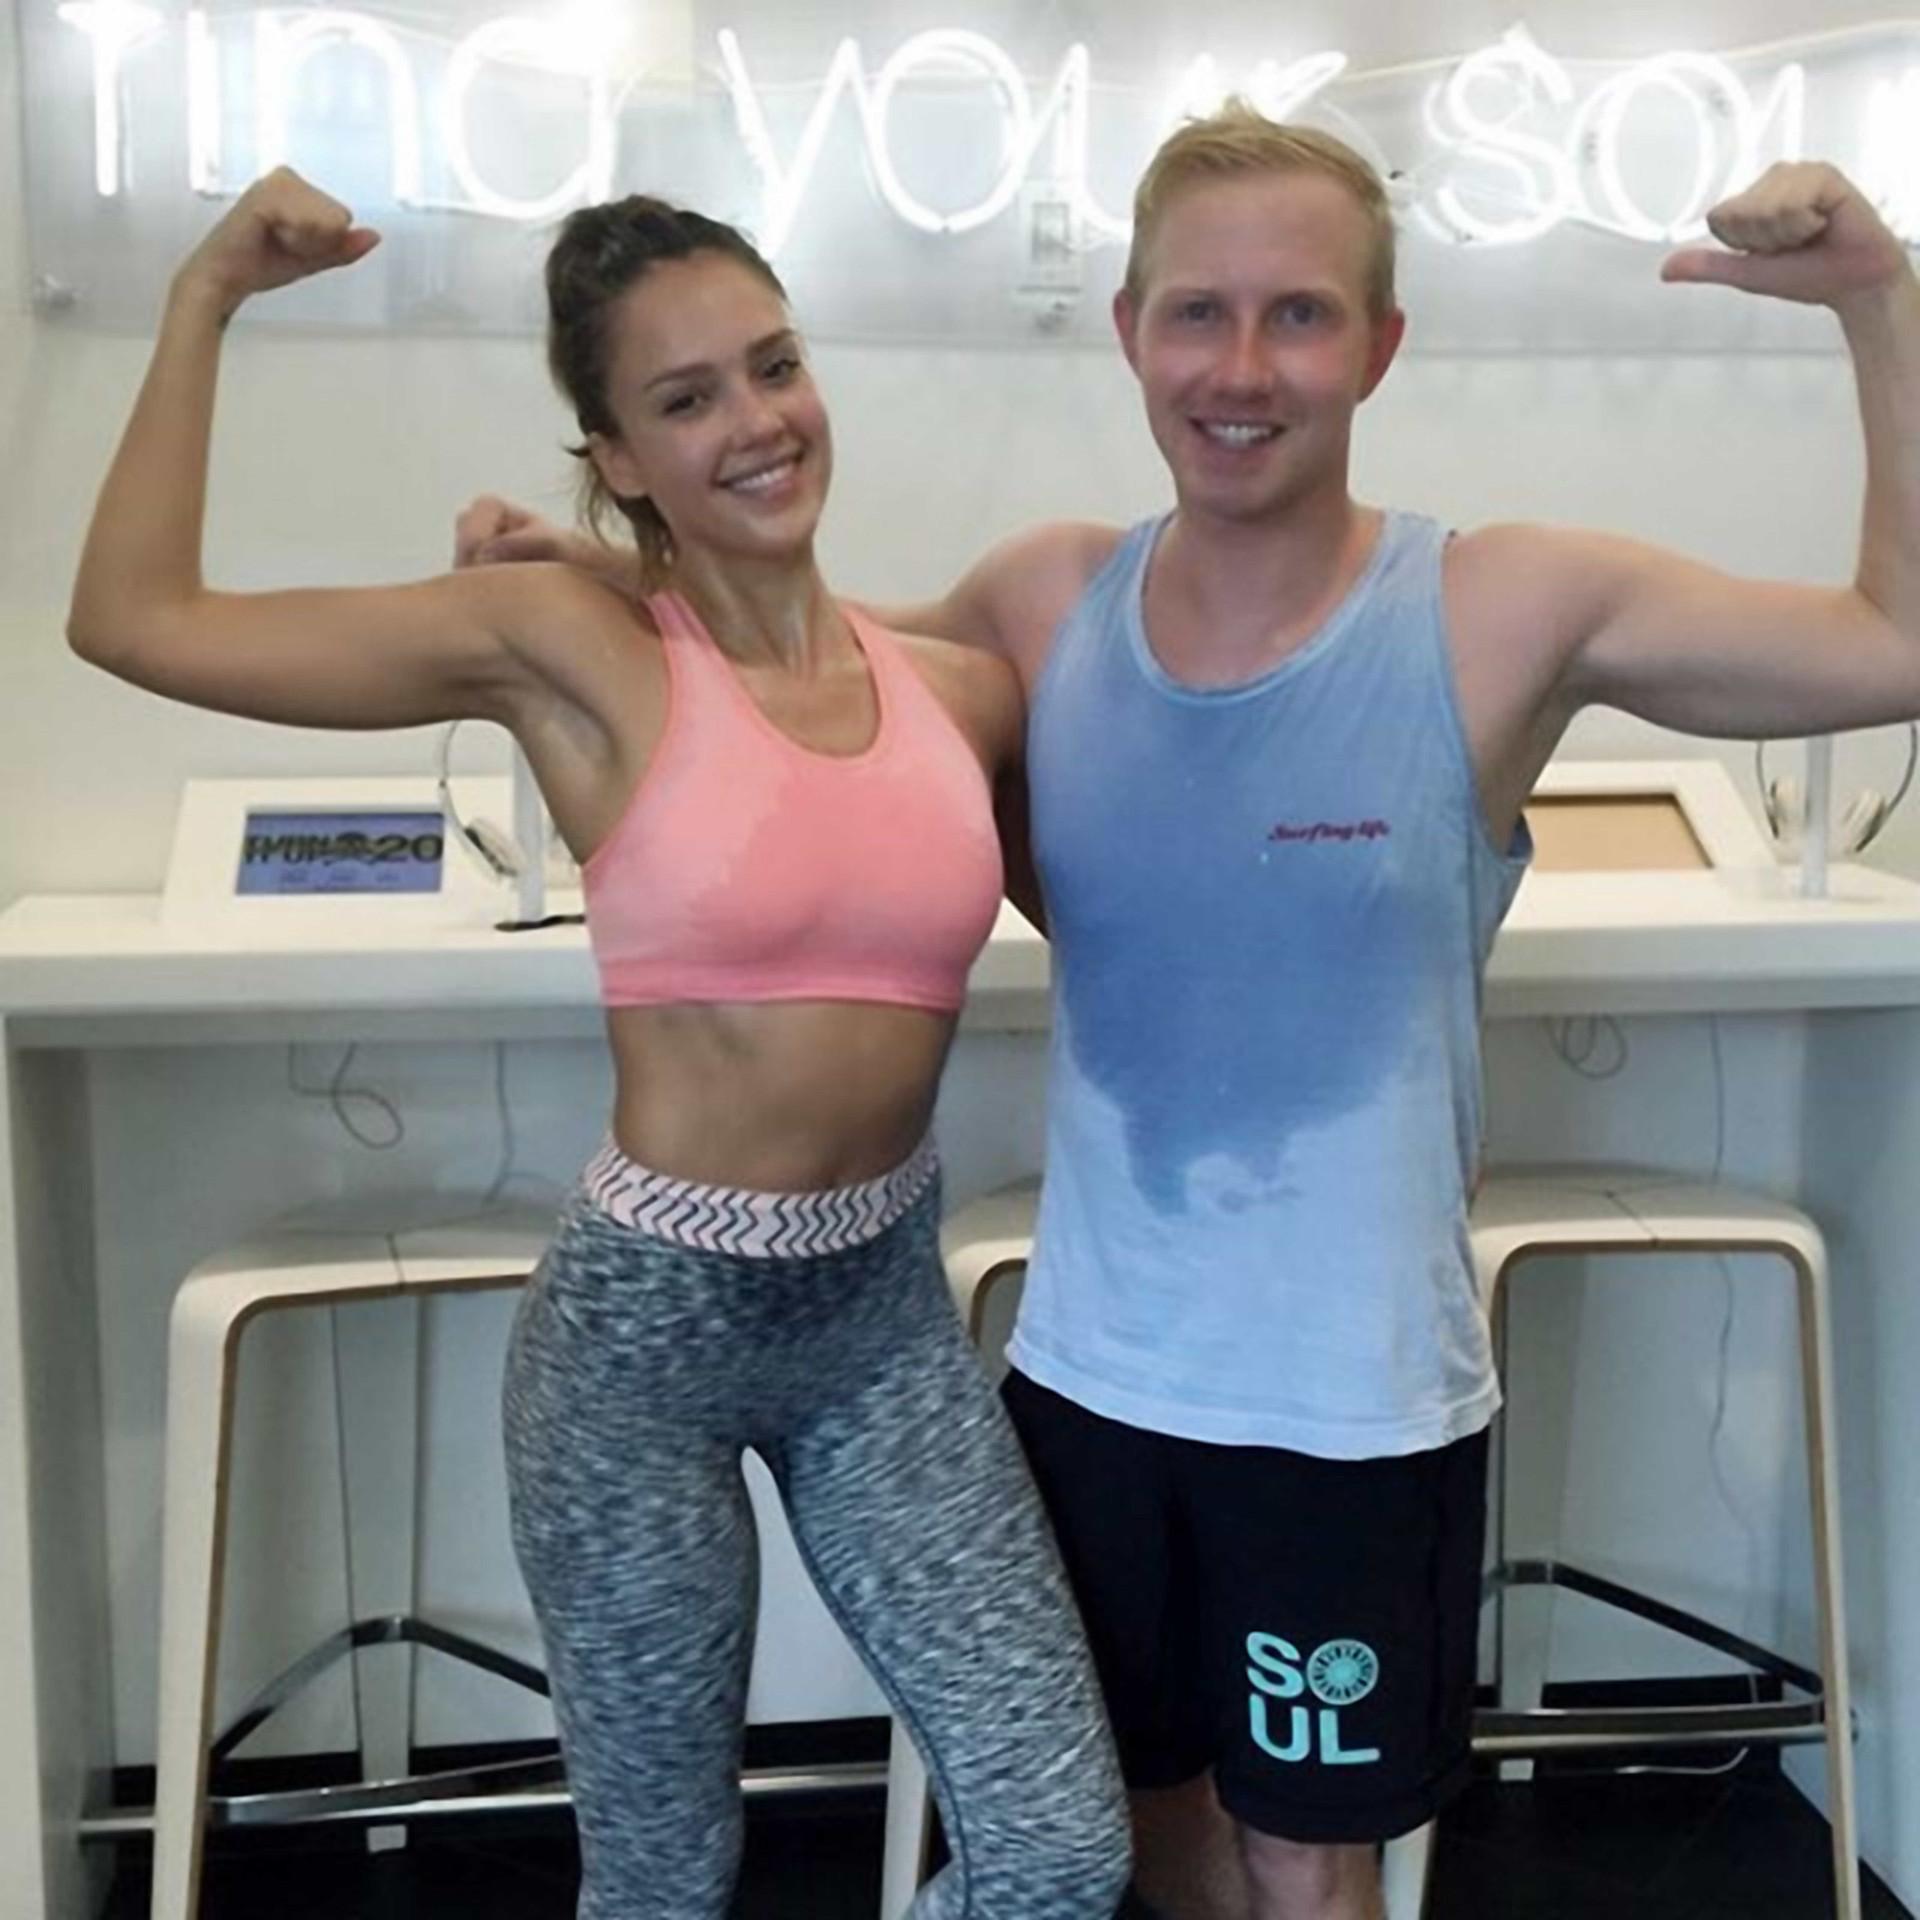 Os famosos e os seus momentos 'fitness'